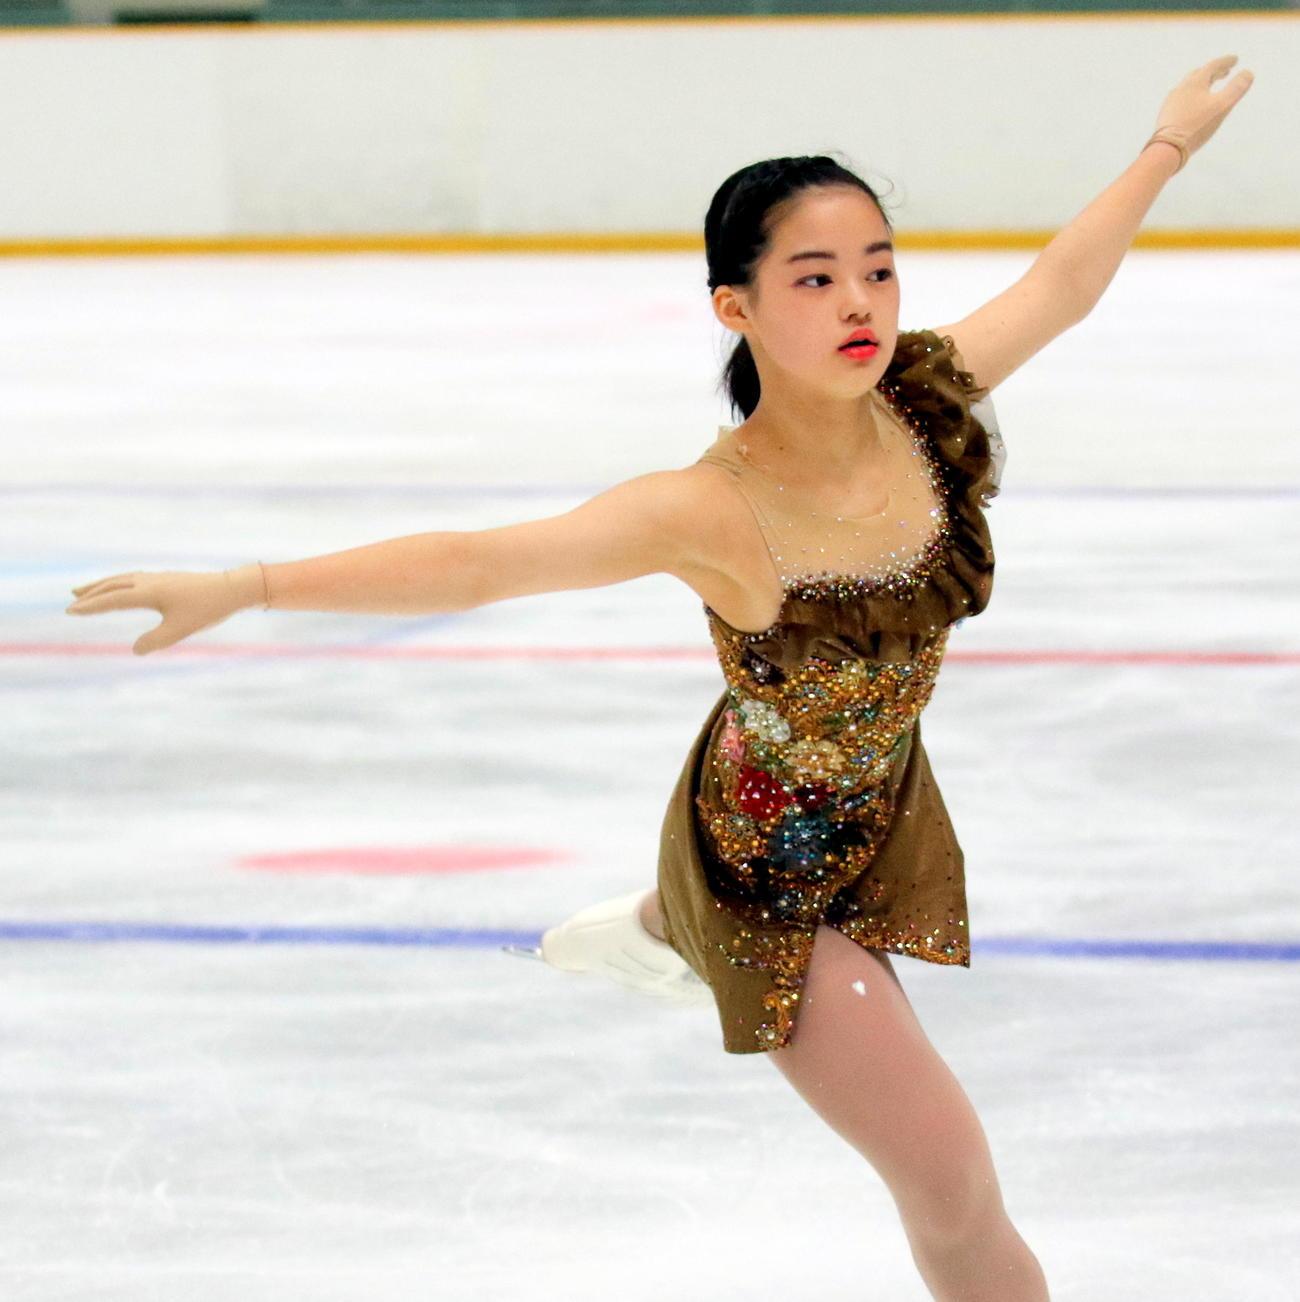 全国高校スケート選手権フィギュア競技 女子決勝(フリー)を終えて総合3位となった中京大中京1年の横井きな結。SP首位のリードで表彰台を守った(撮影・木下淳)